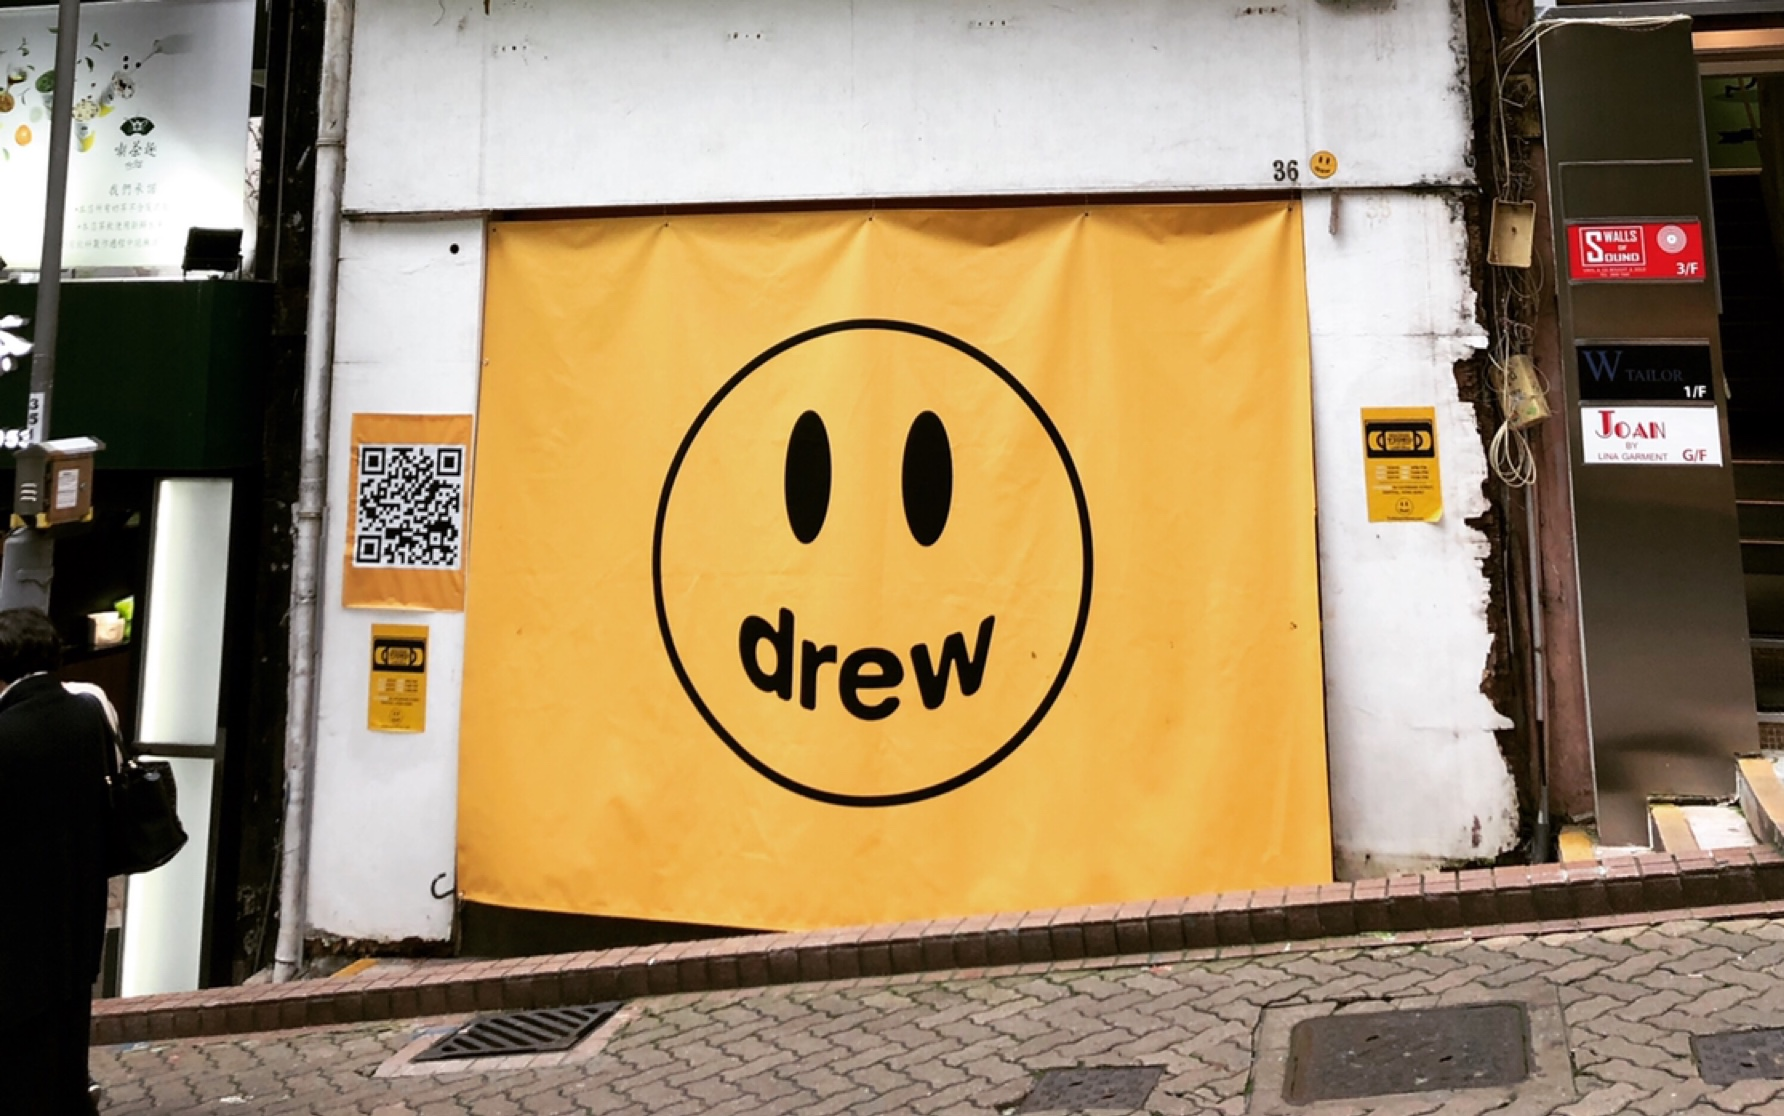 【drewhouse香港快闪店打卡】贾斯汀比伯个人潮牌drewhouse香港快闪店vlog | justinbieber | 美国潮牌| JB | 比伯 |